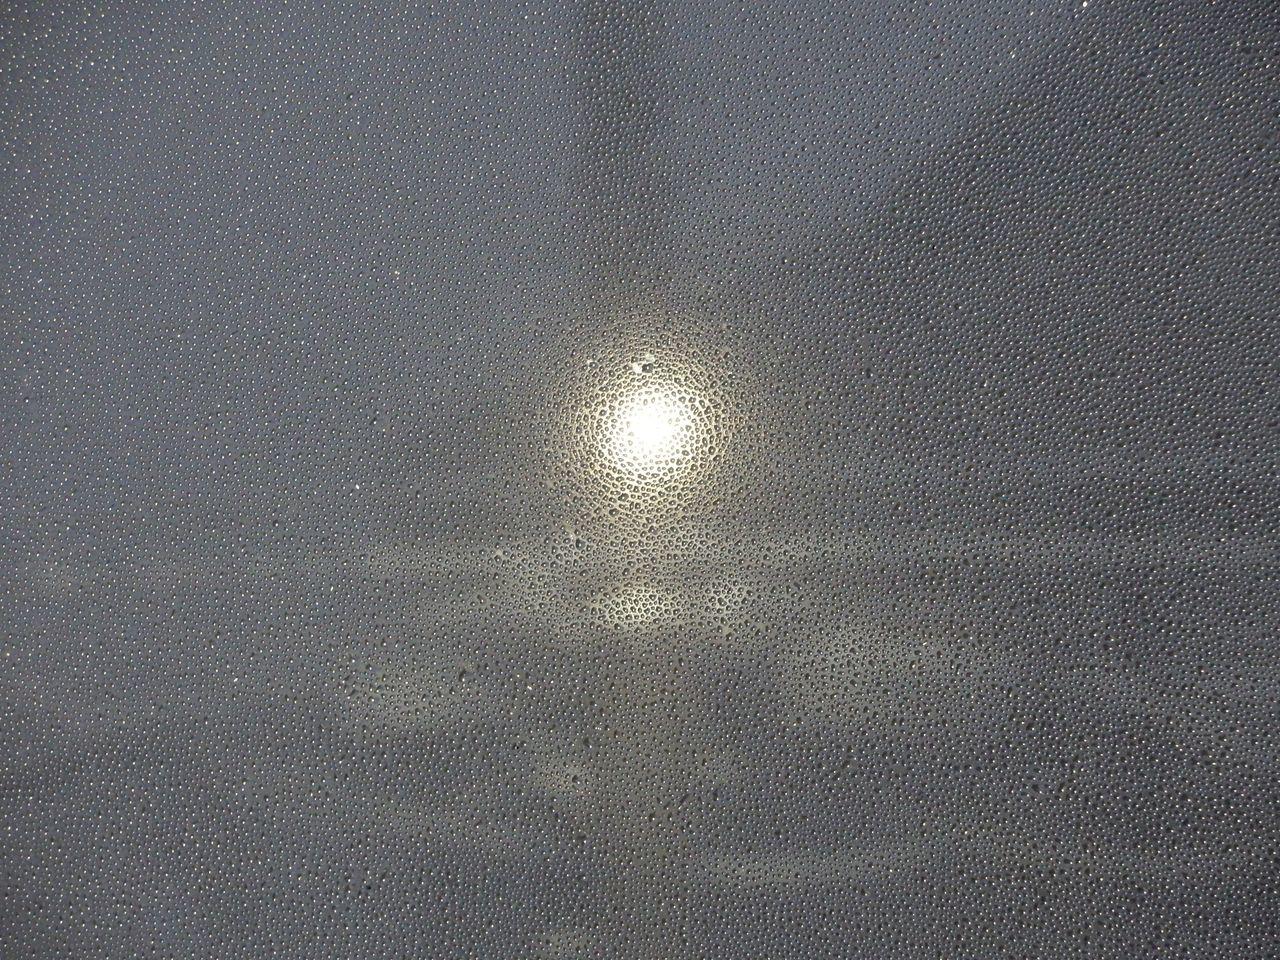 昼になっても消えない街路灯の修理_c0025115_21473256.jpg